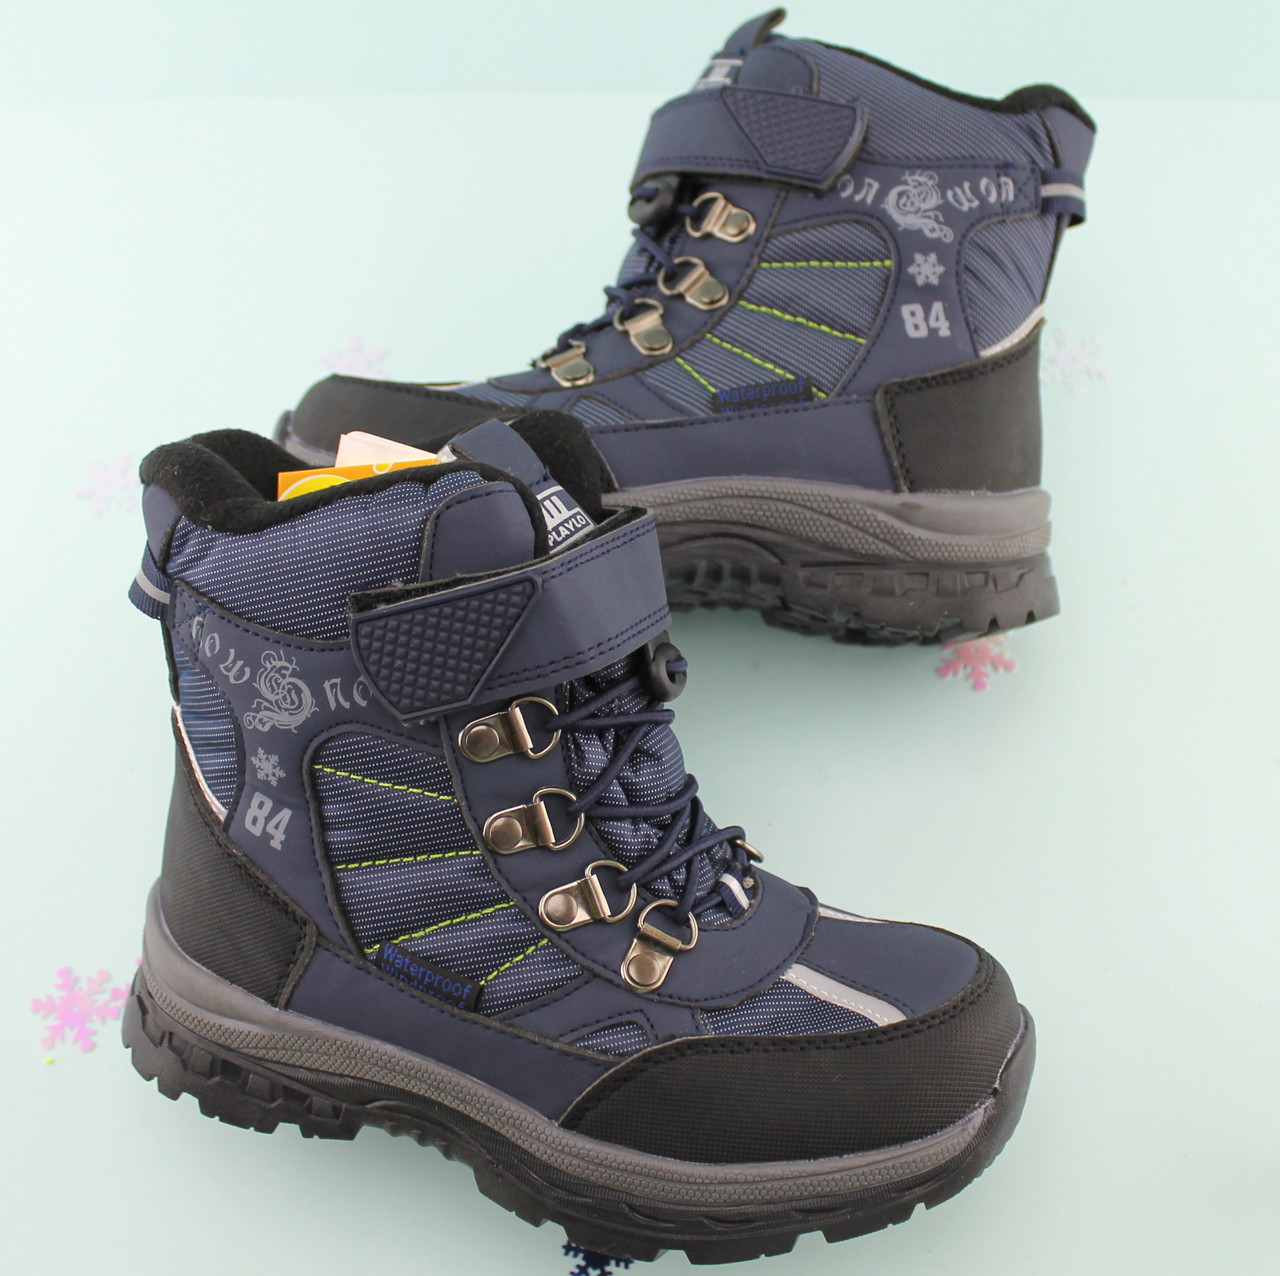 9e85e756a Термосапоги детские на мальчика зимняя обувь Том.м размер 32,37 - BonKids -